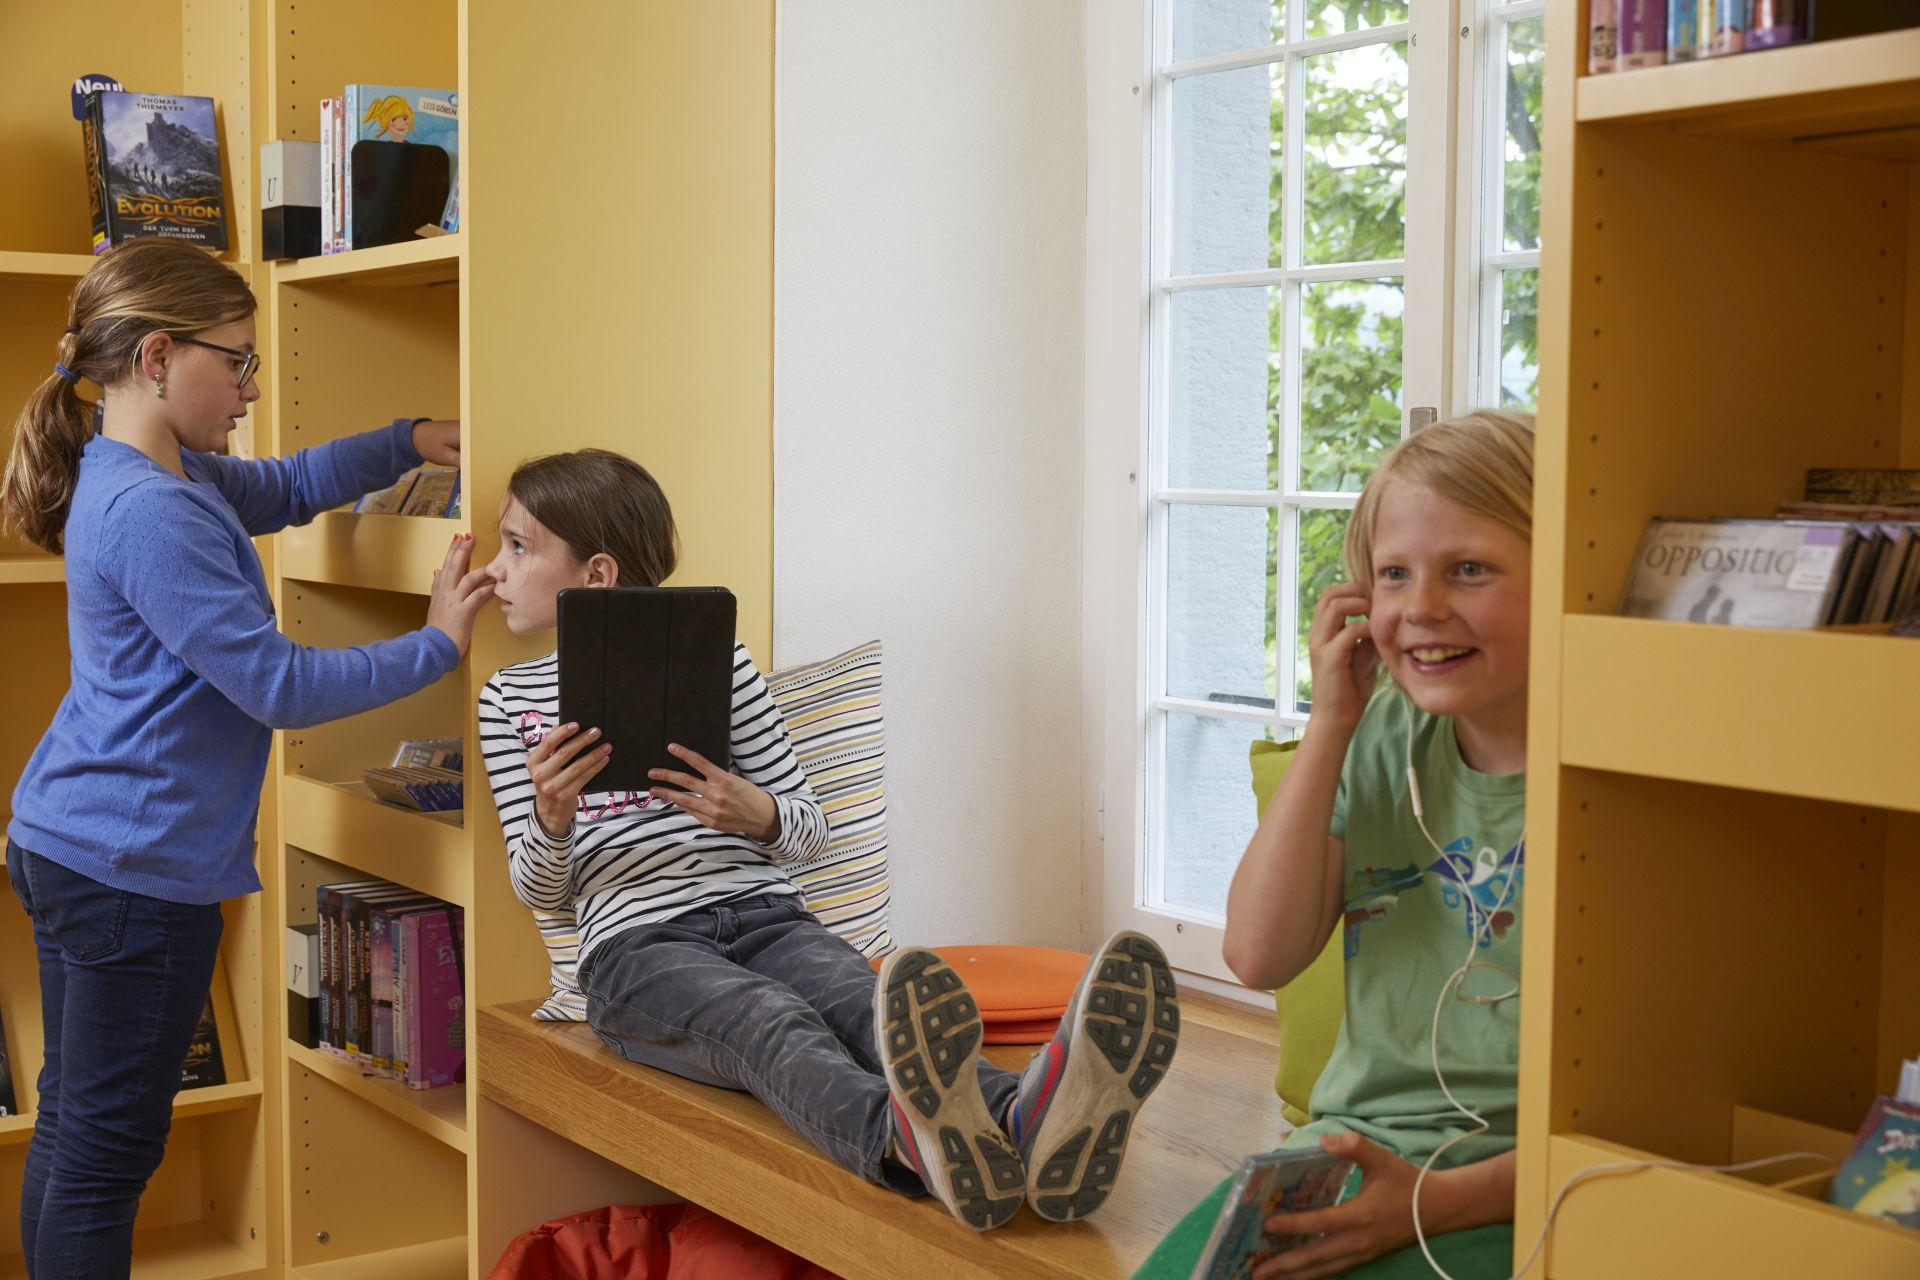 drei Mädchen vergnügt in einer Bibliothek